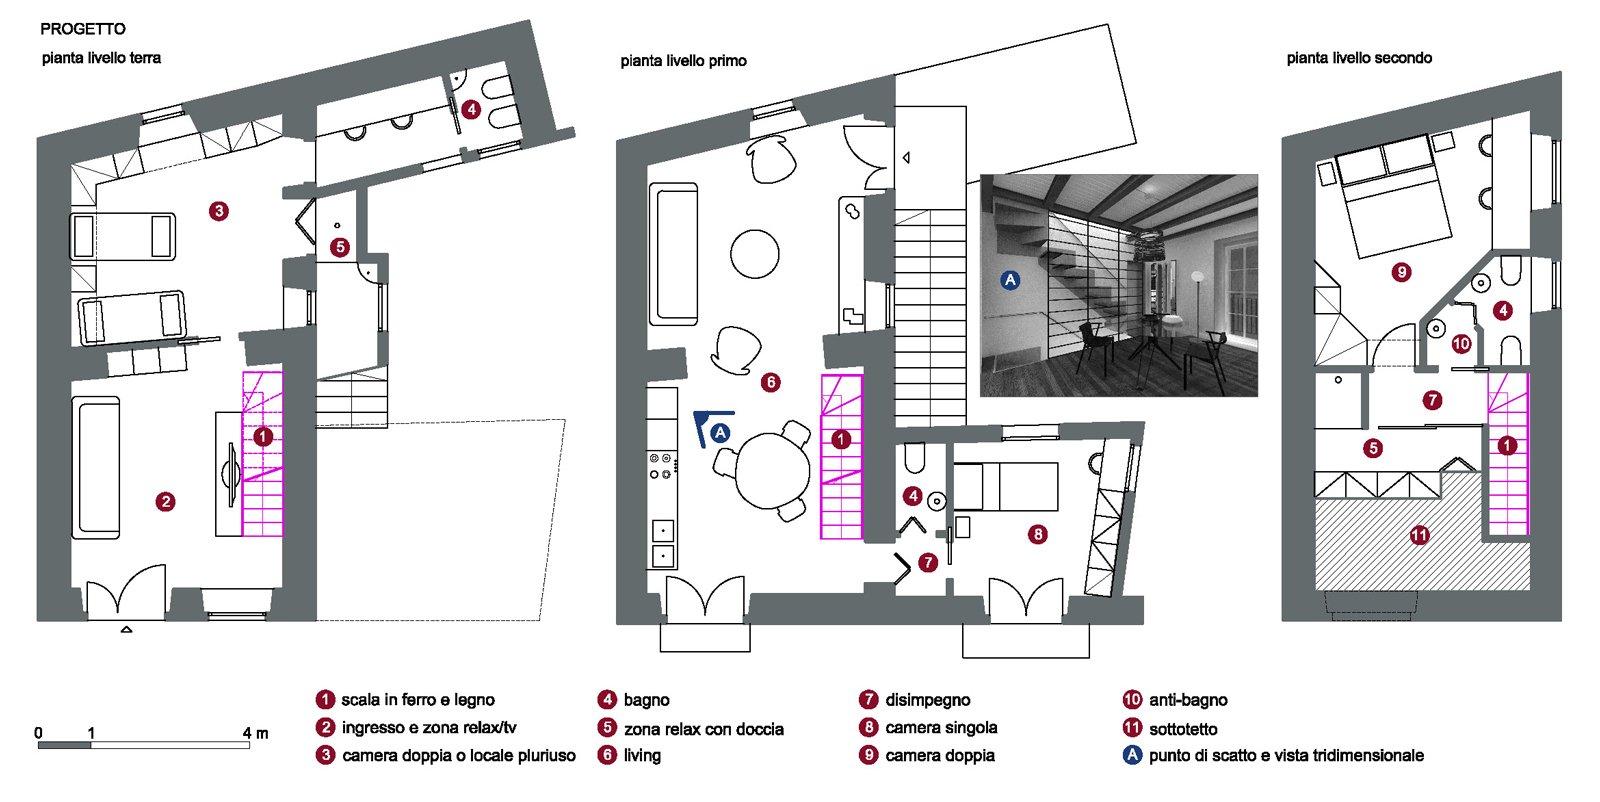 Progetto in pianta e 3d della casa su 3 livelli cose di casa for Immagini progetti case